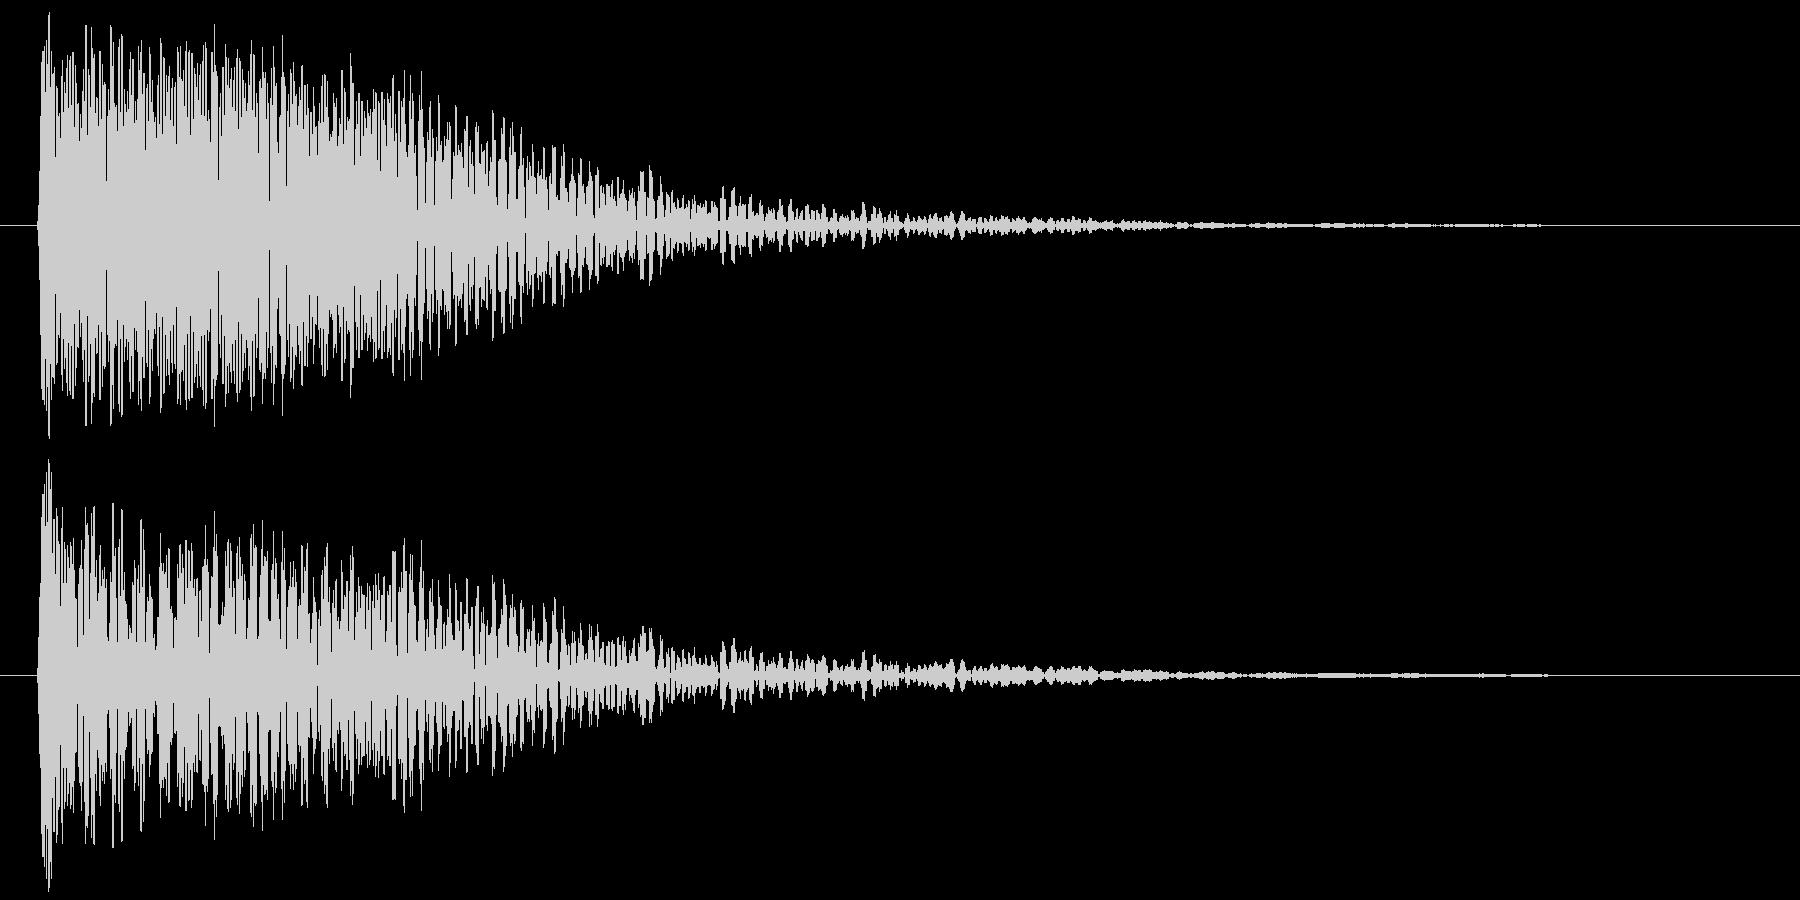 恐怖音2の未再生の波形